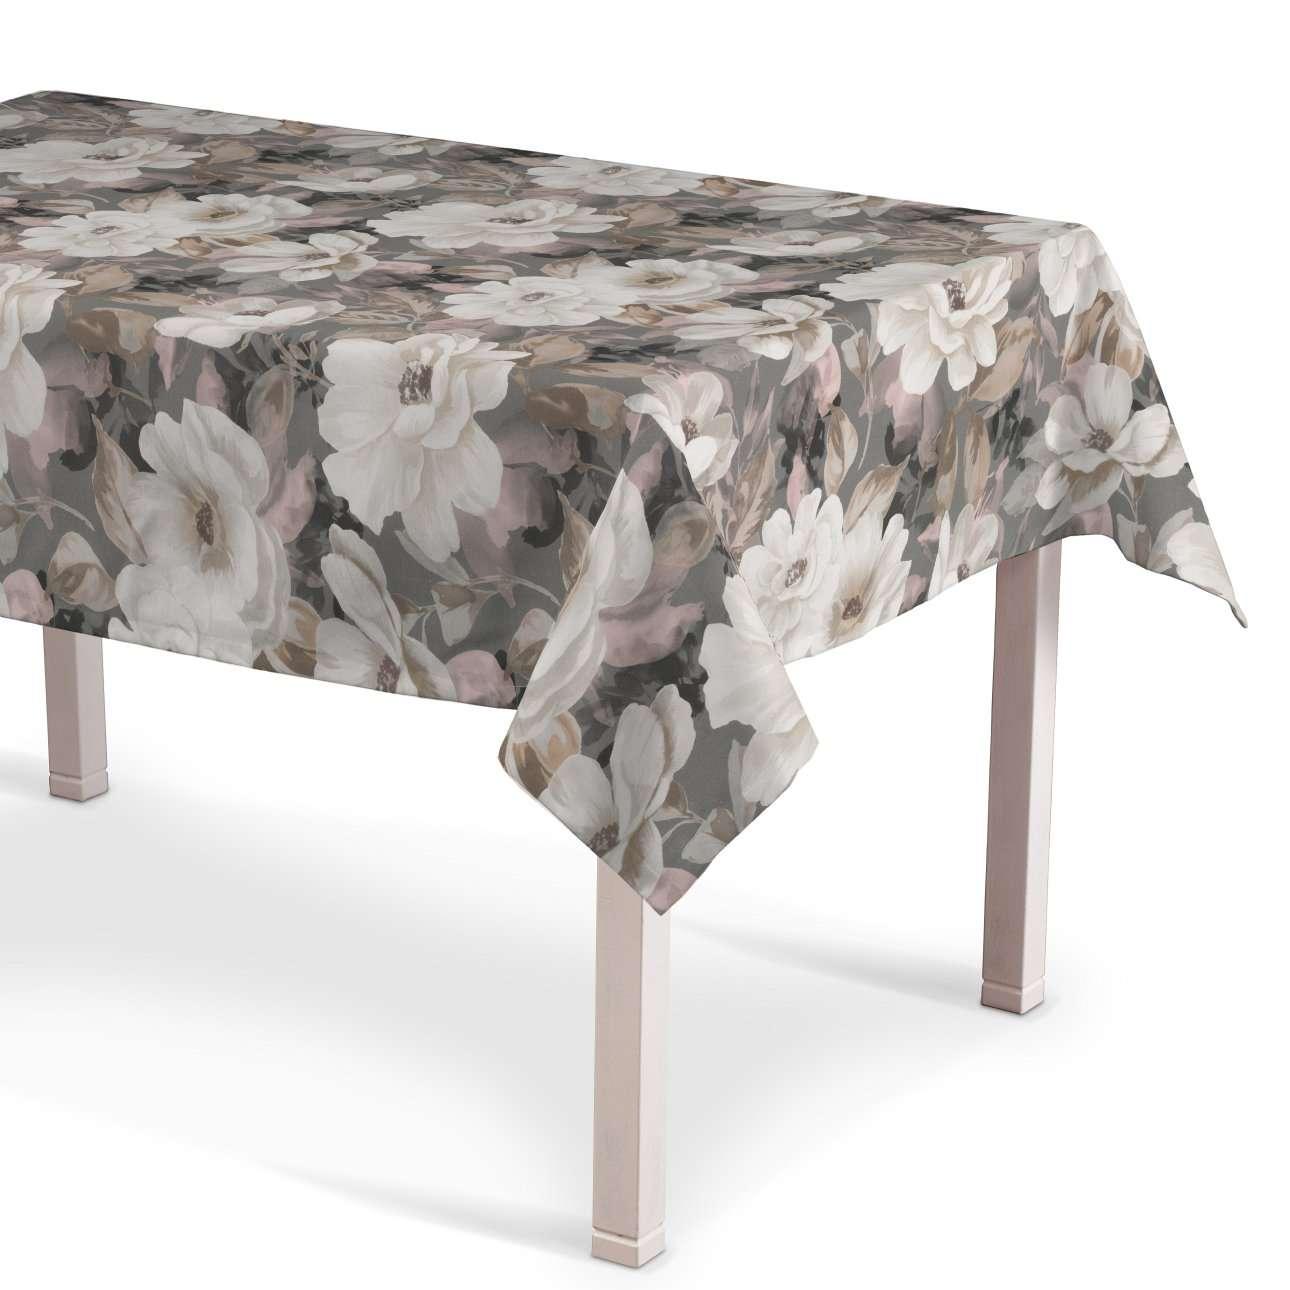 Rechteckige Tischdecke, grau-rosa, 130 × 250 cm, Gardenia | Heimtextilien > Tischdecken und Co > Tischdecken | Muster | Stoff | Dekoria